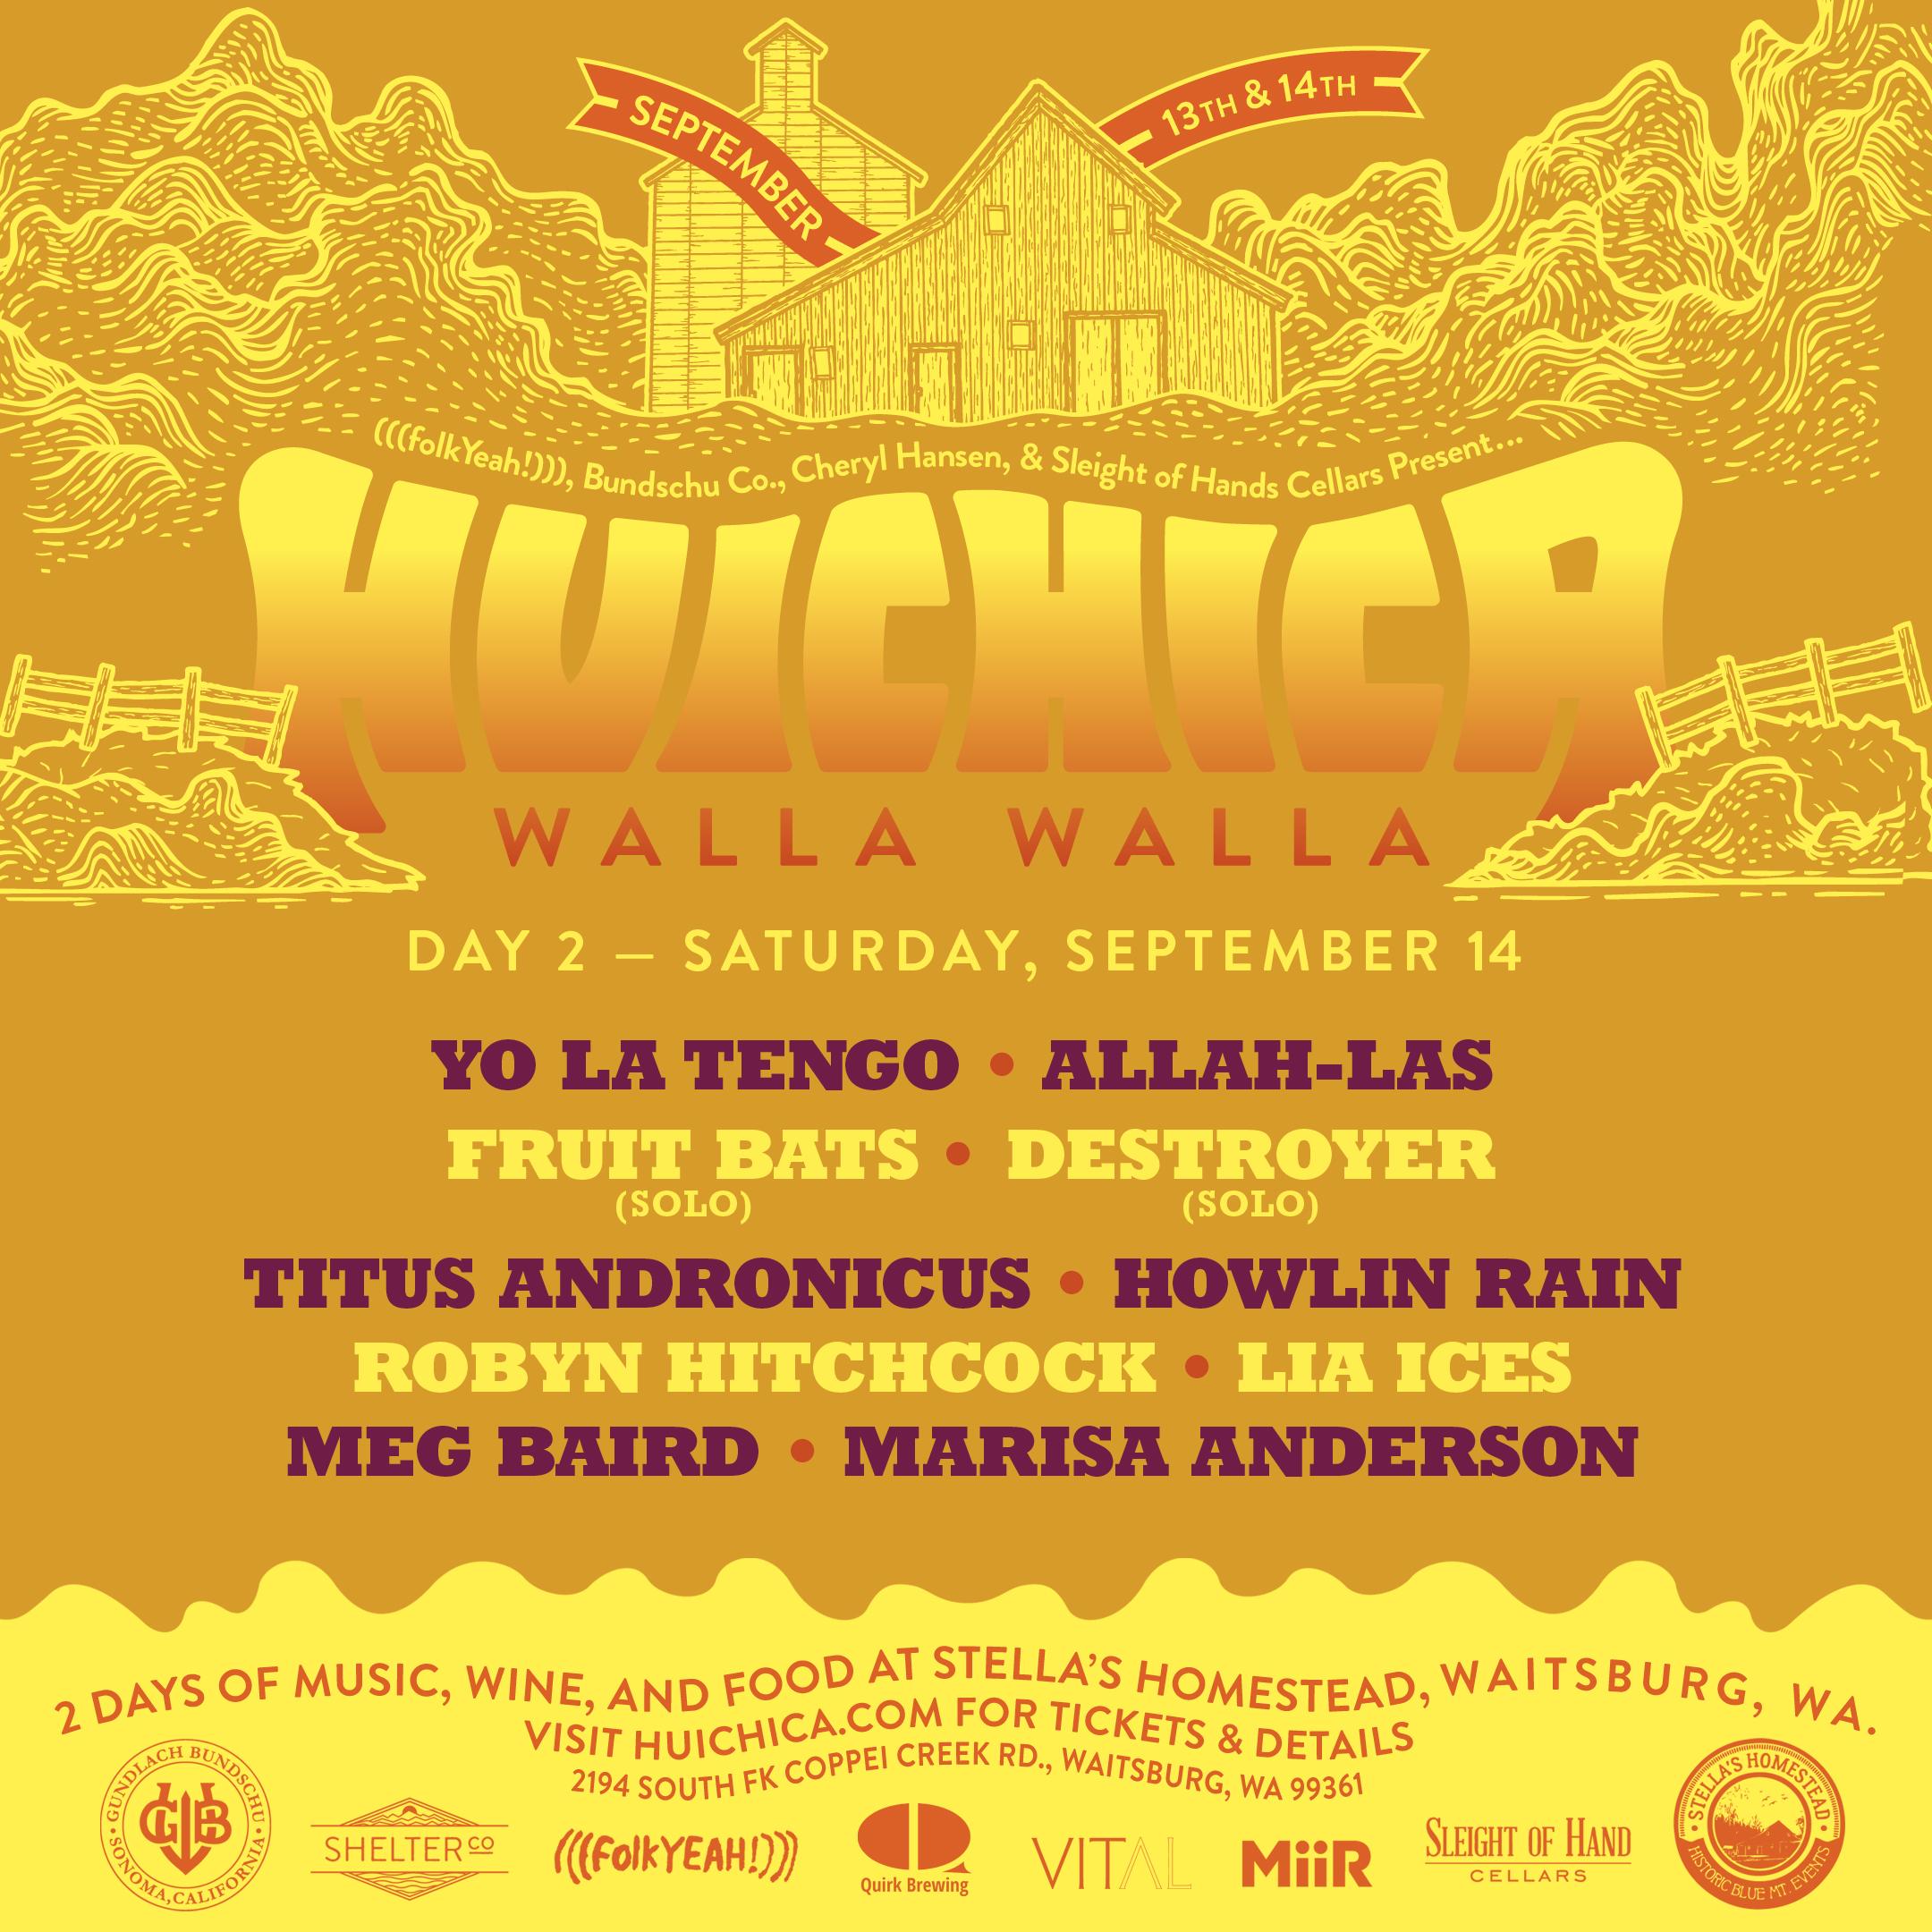 Huichica-Walla_Walla_2019-Single_DAY_02-Square_02.jpg